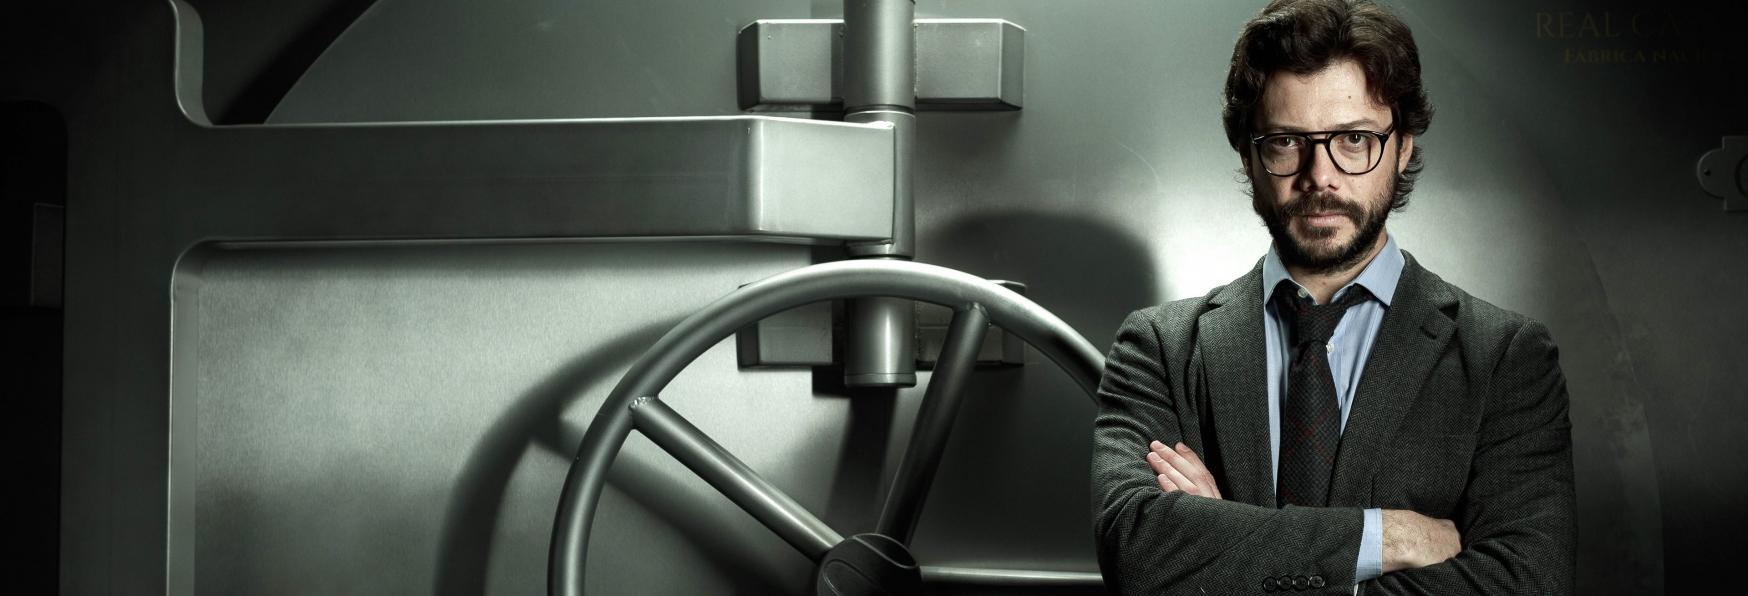 La Casa di Carta: Álvaro Morte saluta la Serie TV e il suo iconico Ruolo